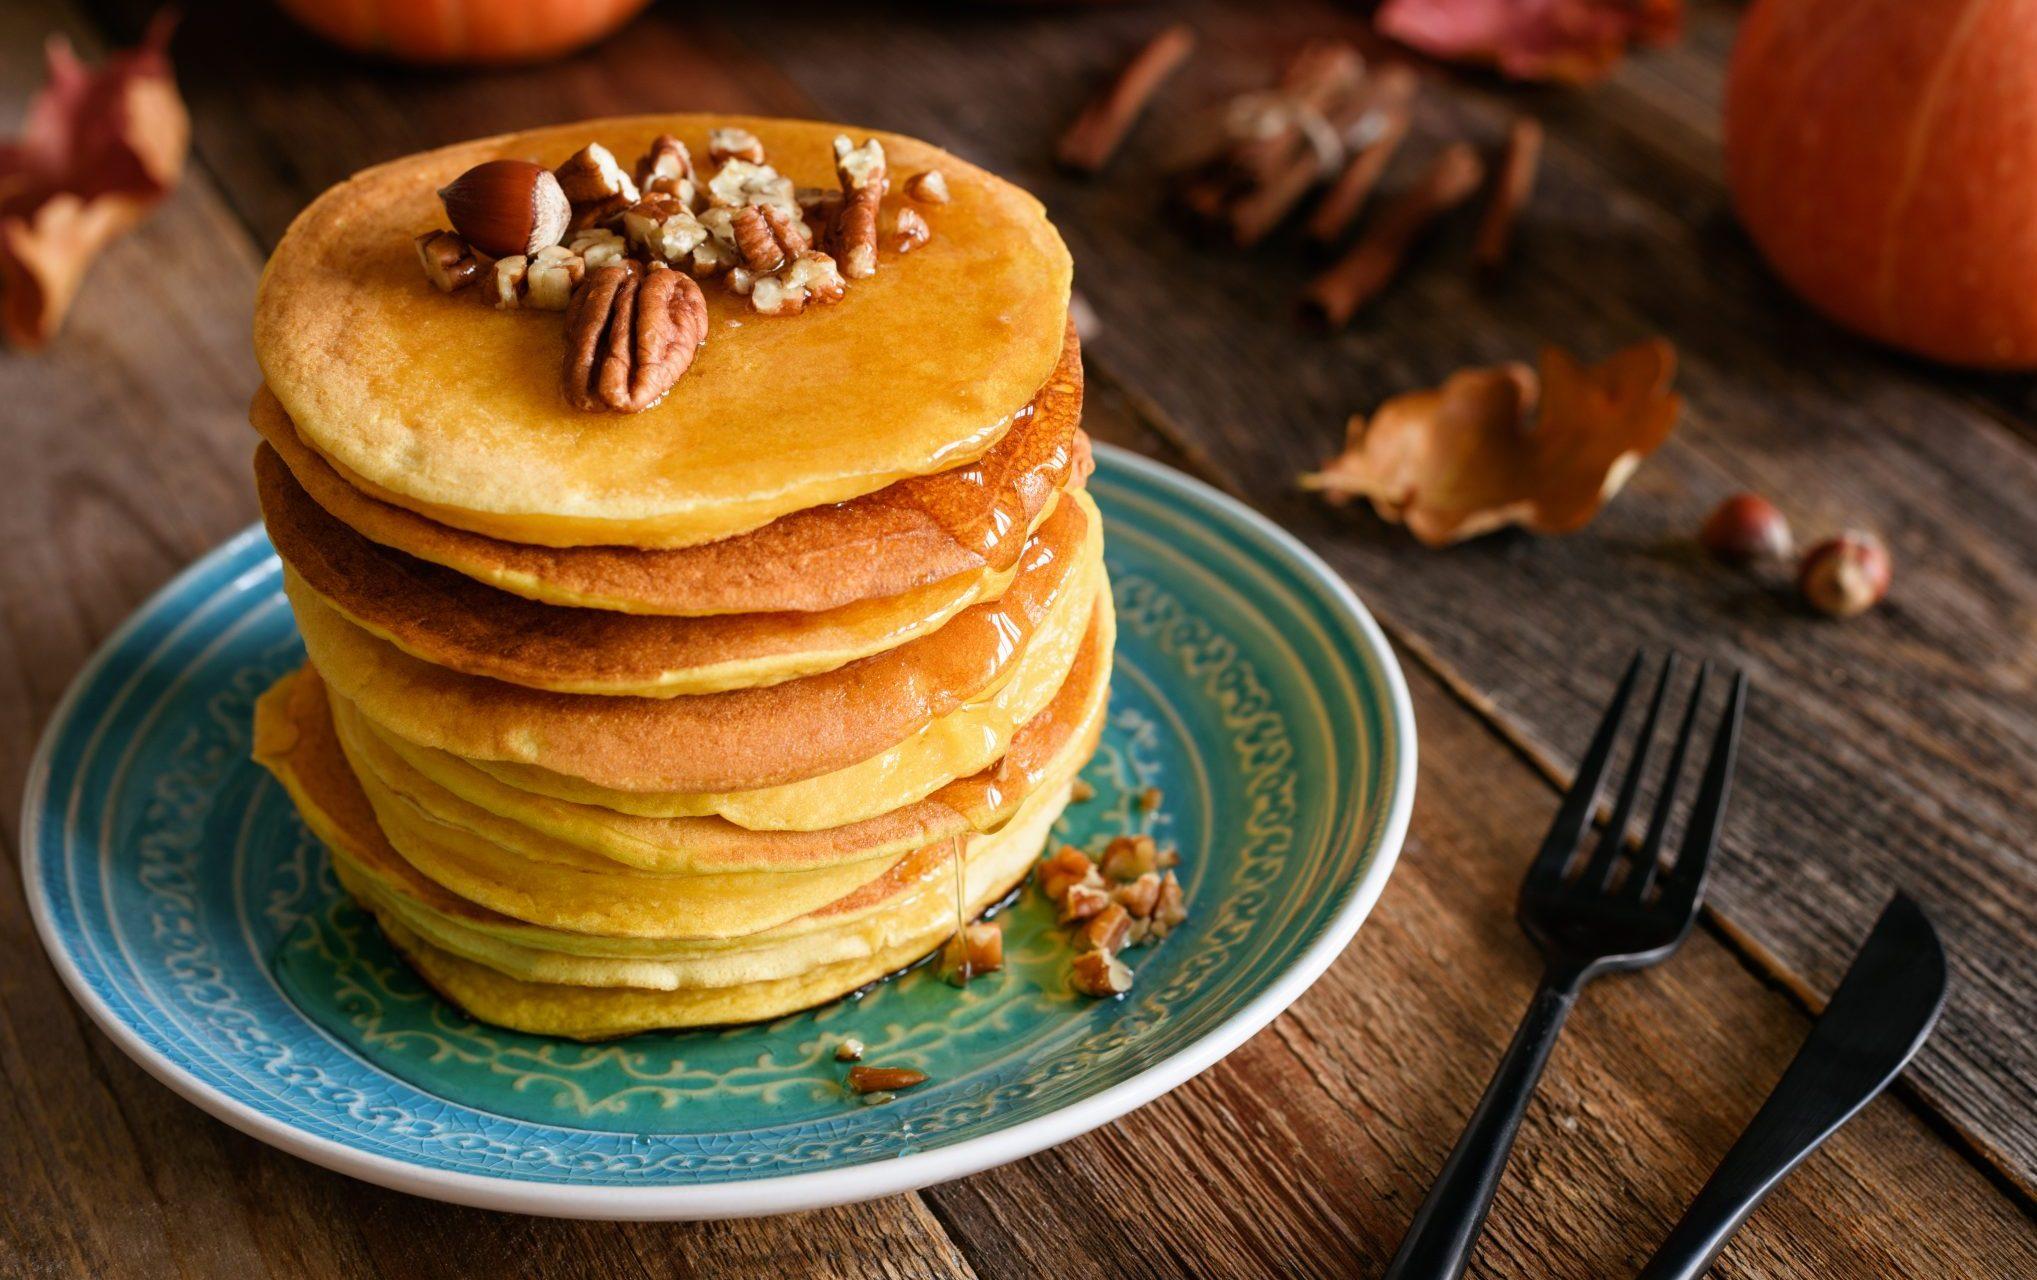 nut pancakes